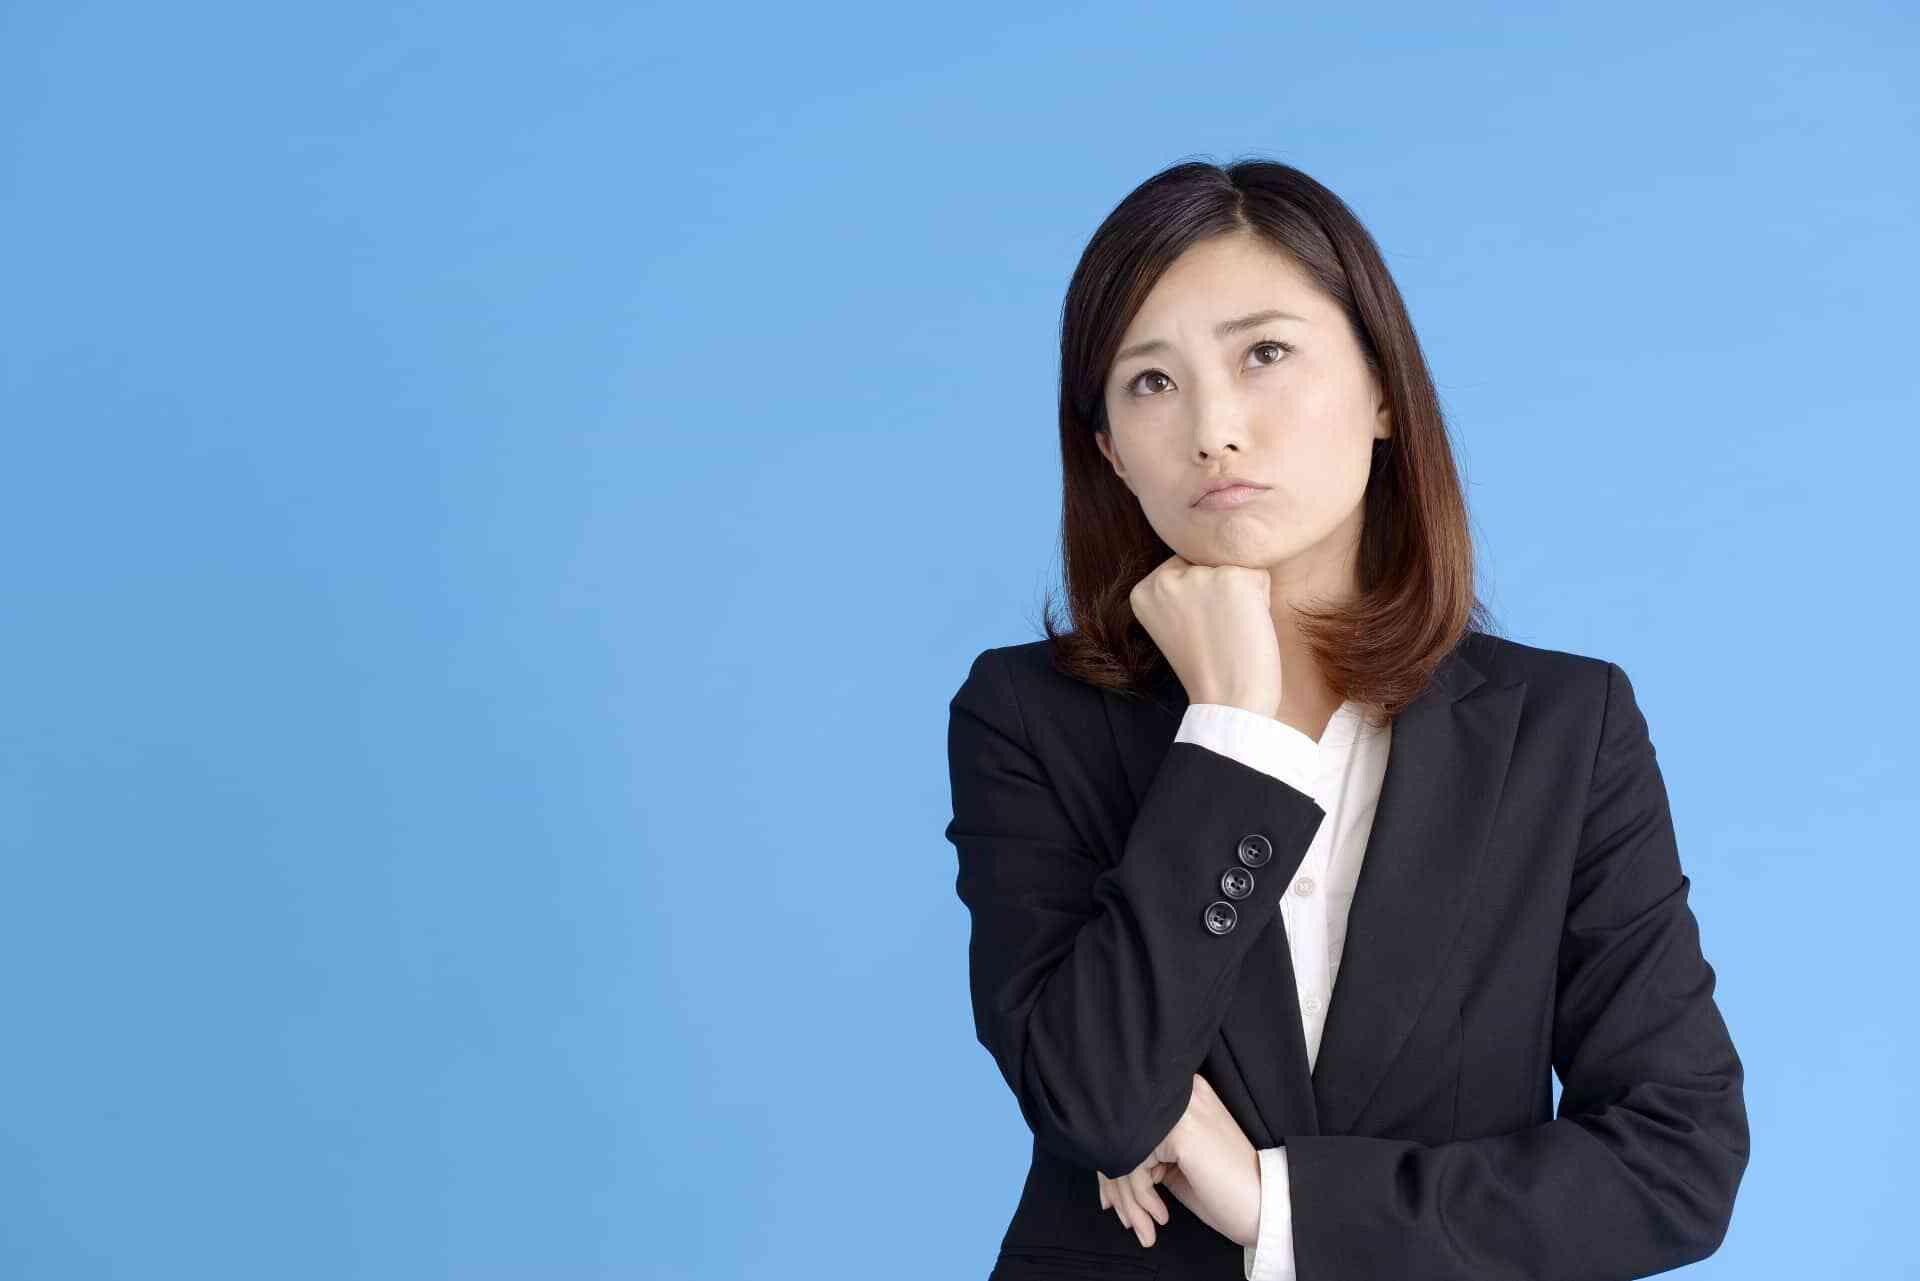 就活のやり方とは-コロナによる就職活動の影響も紹介-